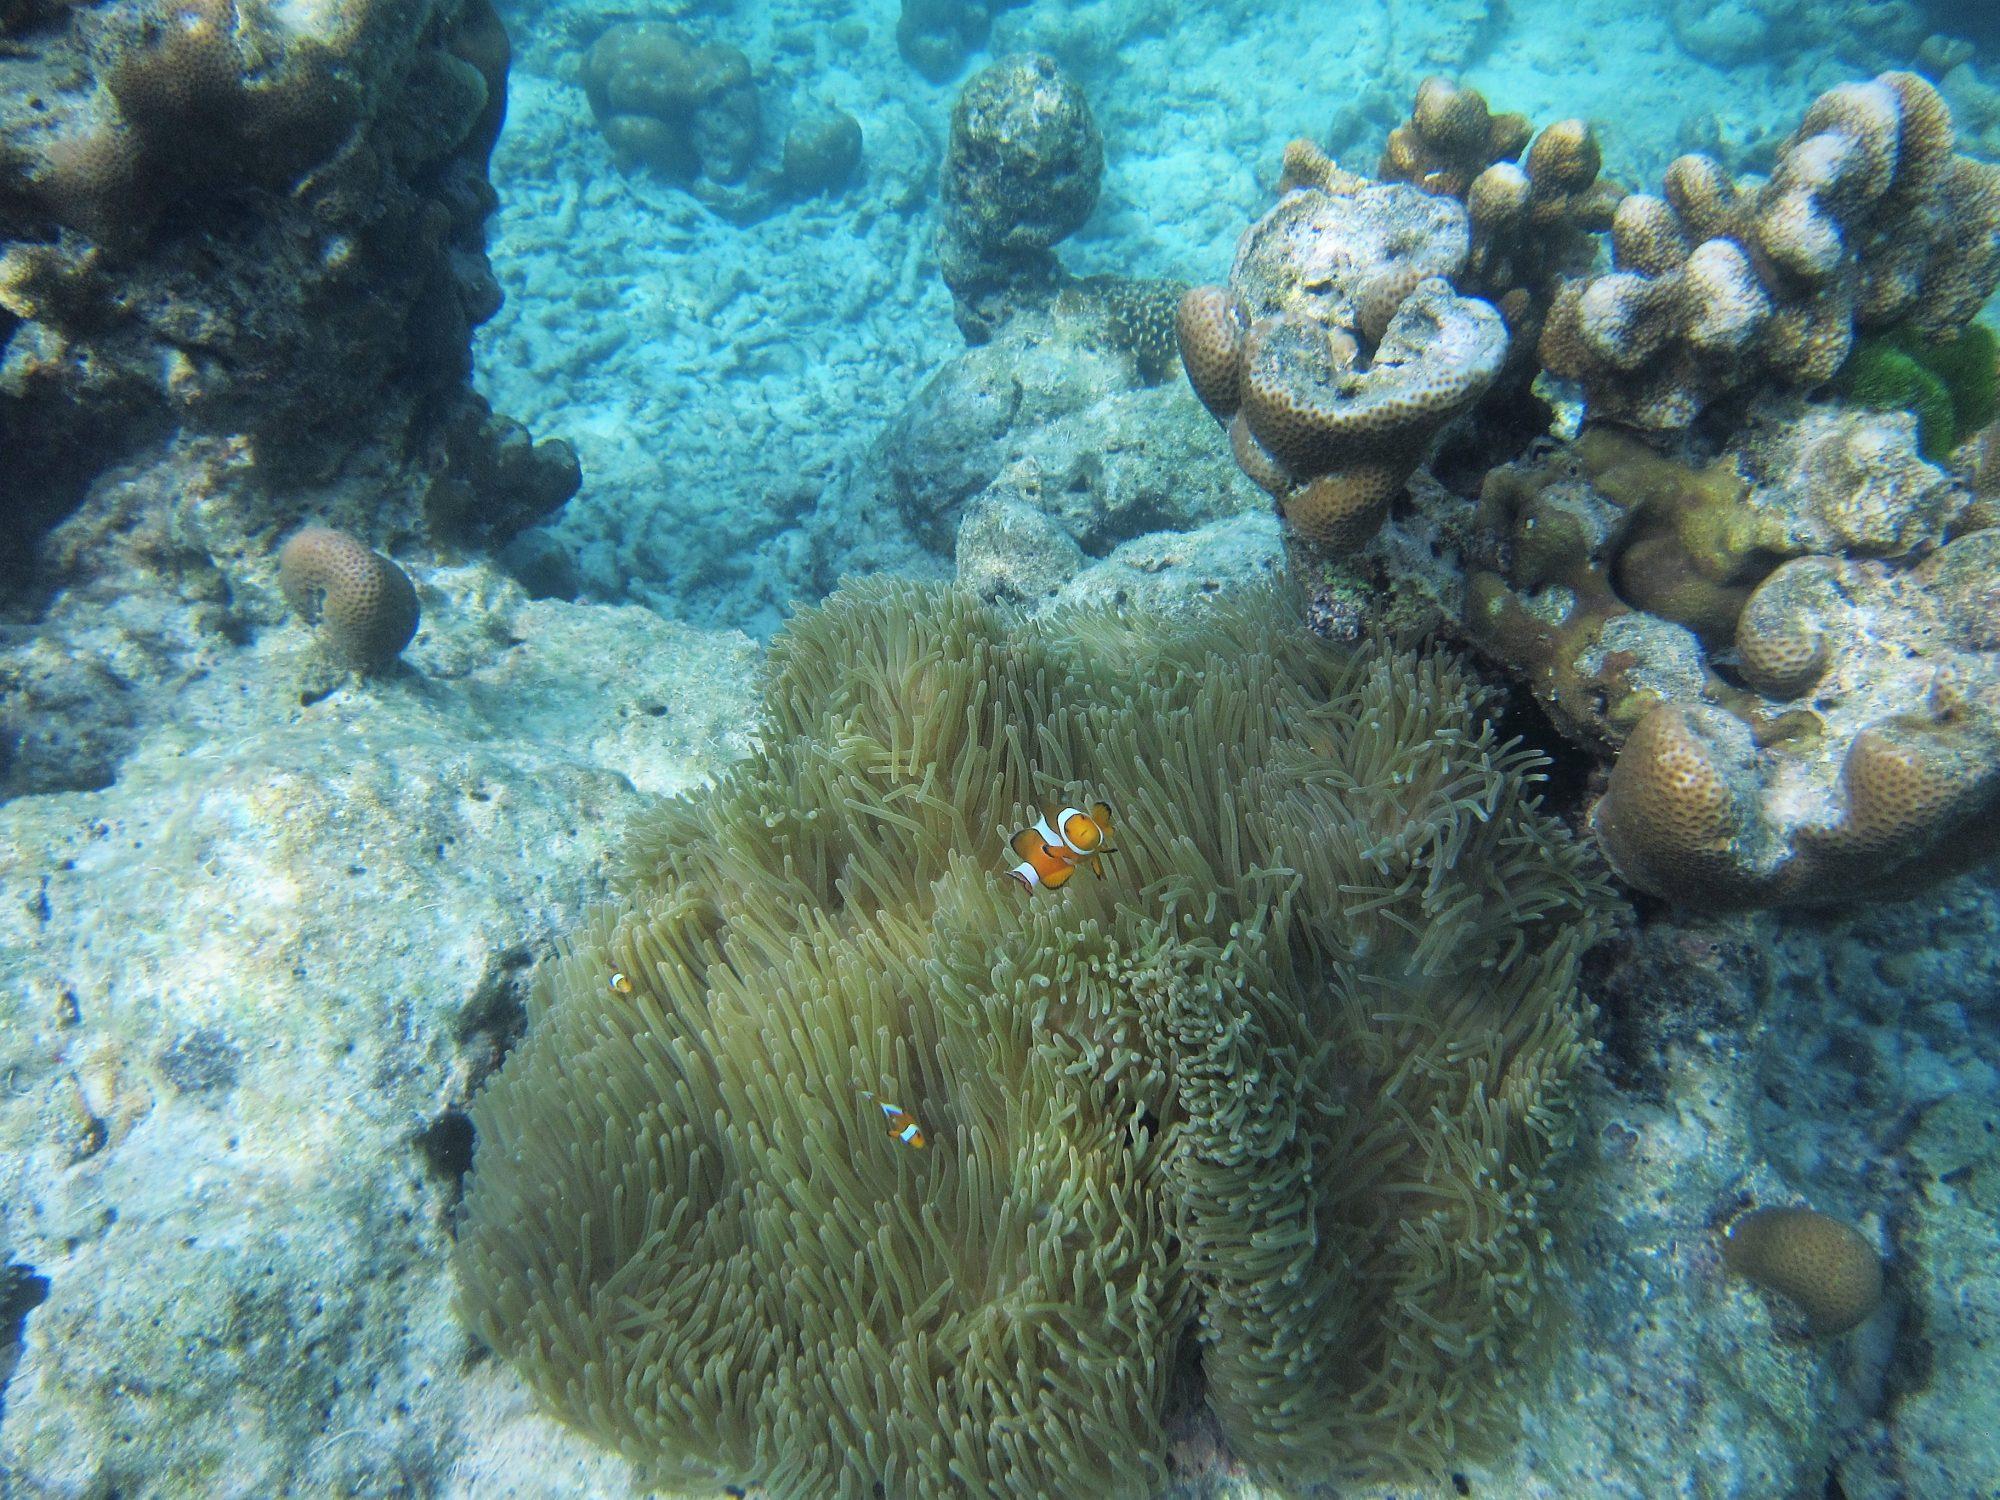 Nemo coming closer